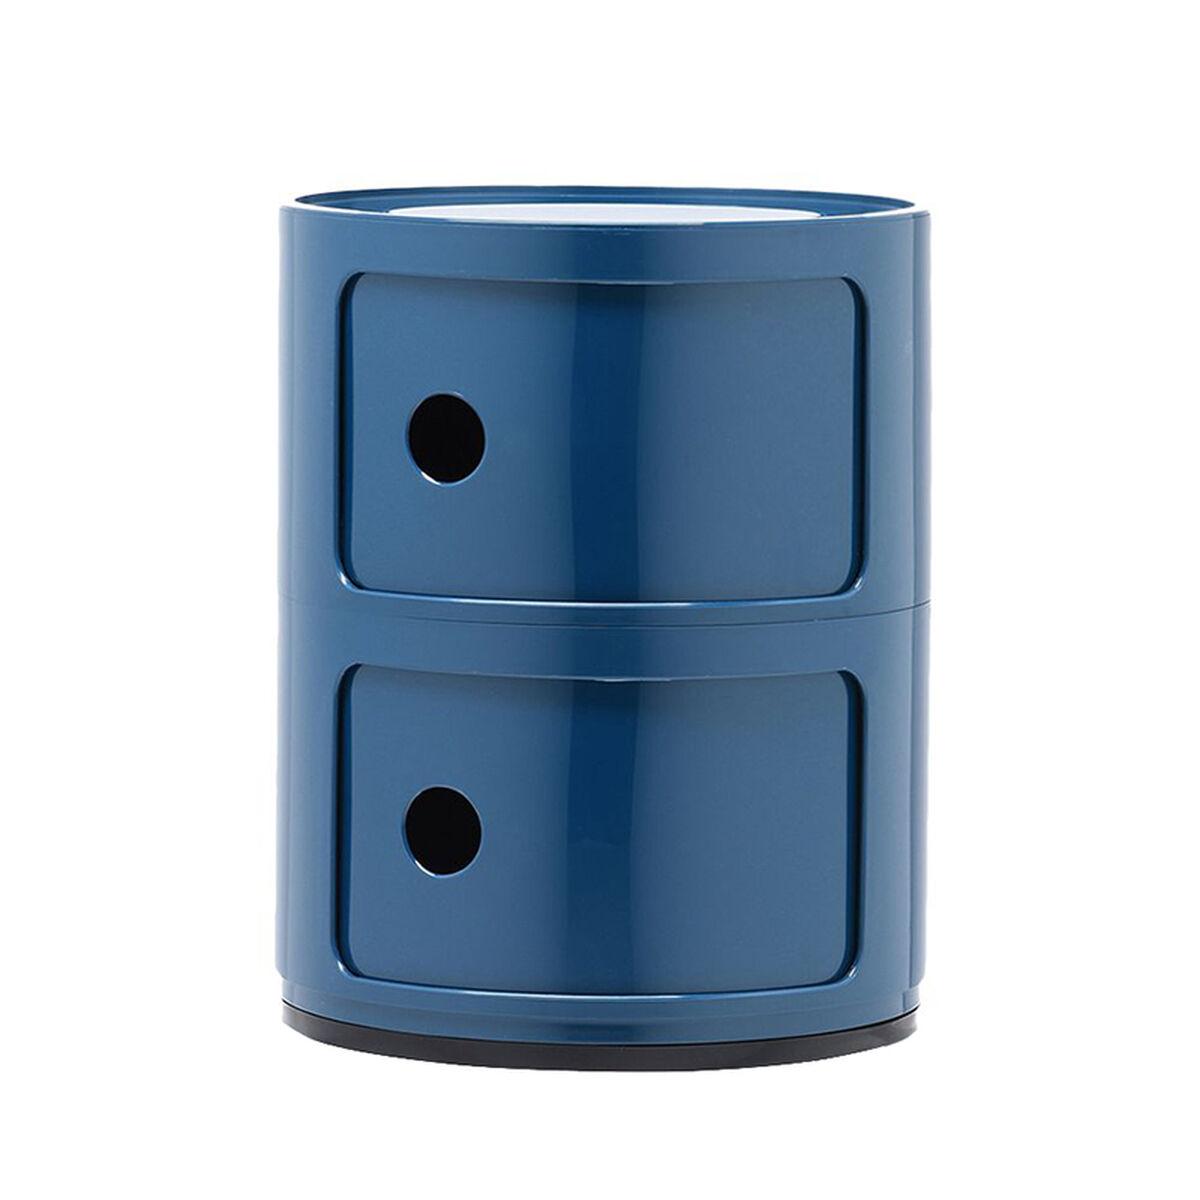 Kartell Componibili s�ilytyskaluste, 2-osainen, sininen